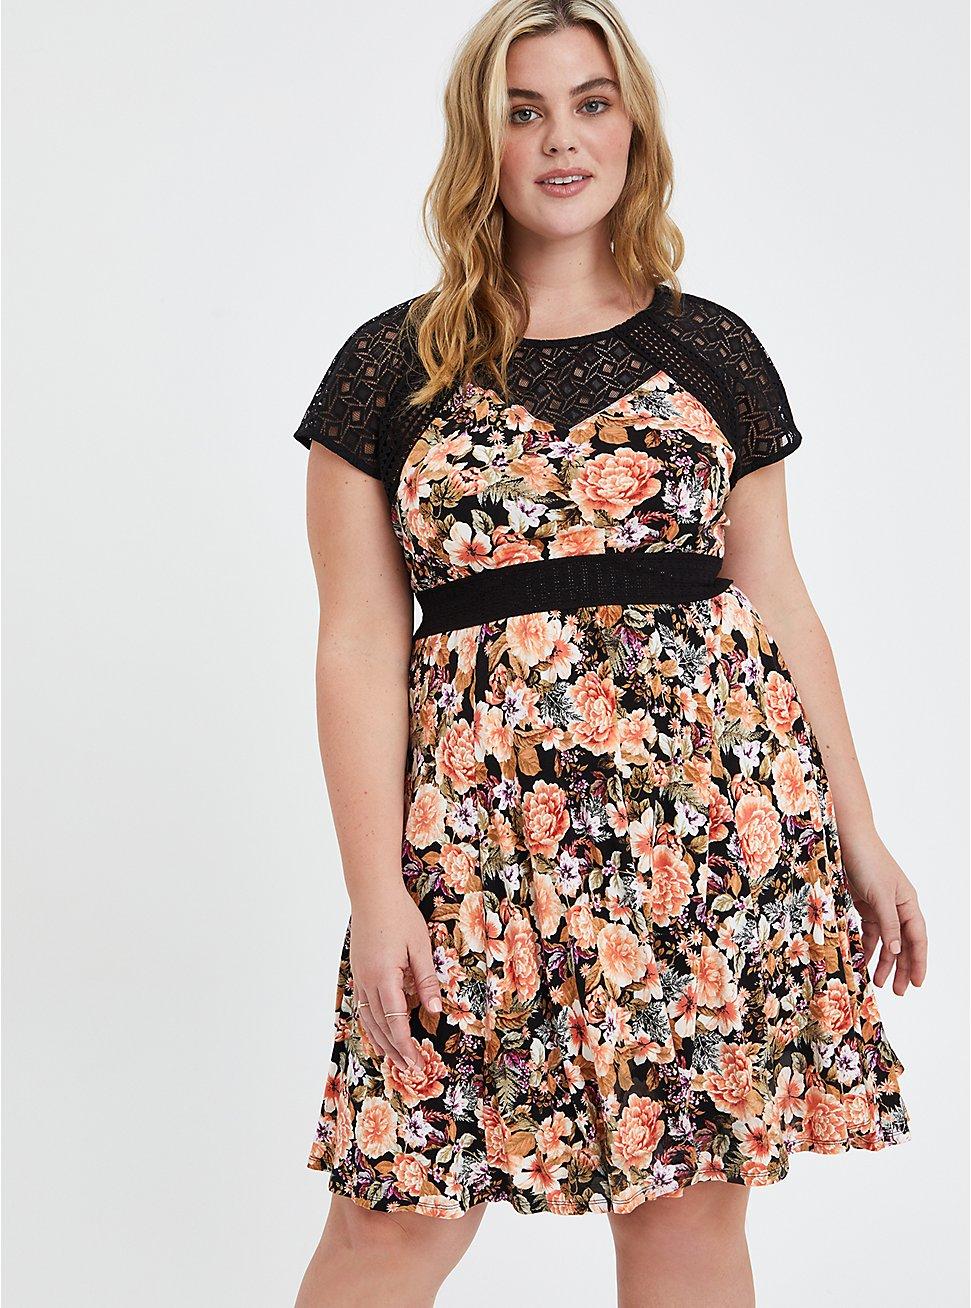 Mini Skater Dress - Super Soft Floral Black with Lace Inset, FLORAL - BLACK, hi-res